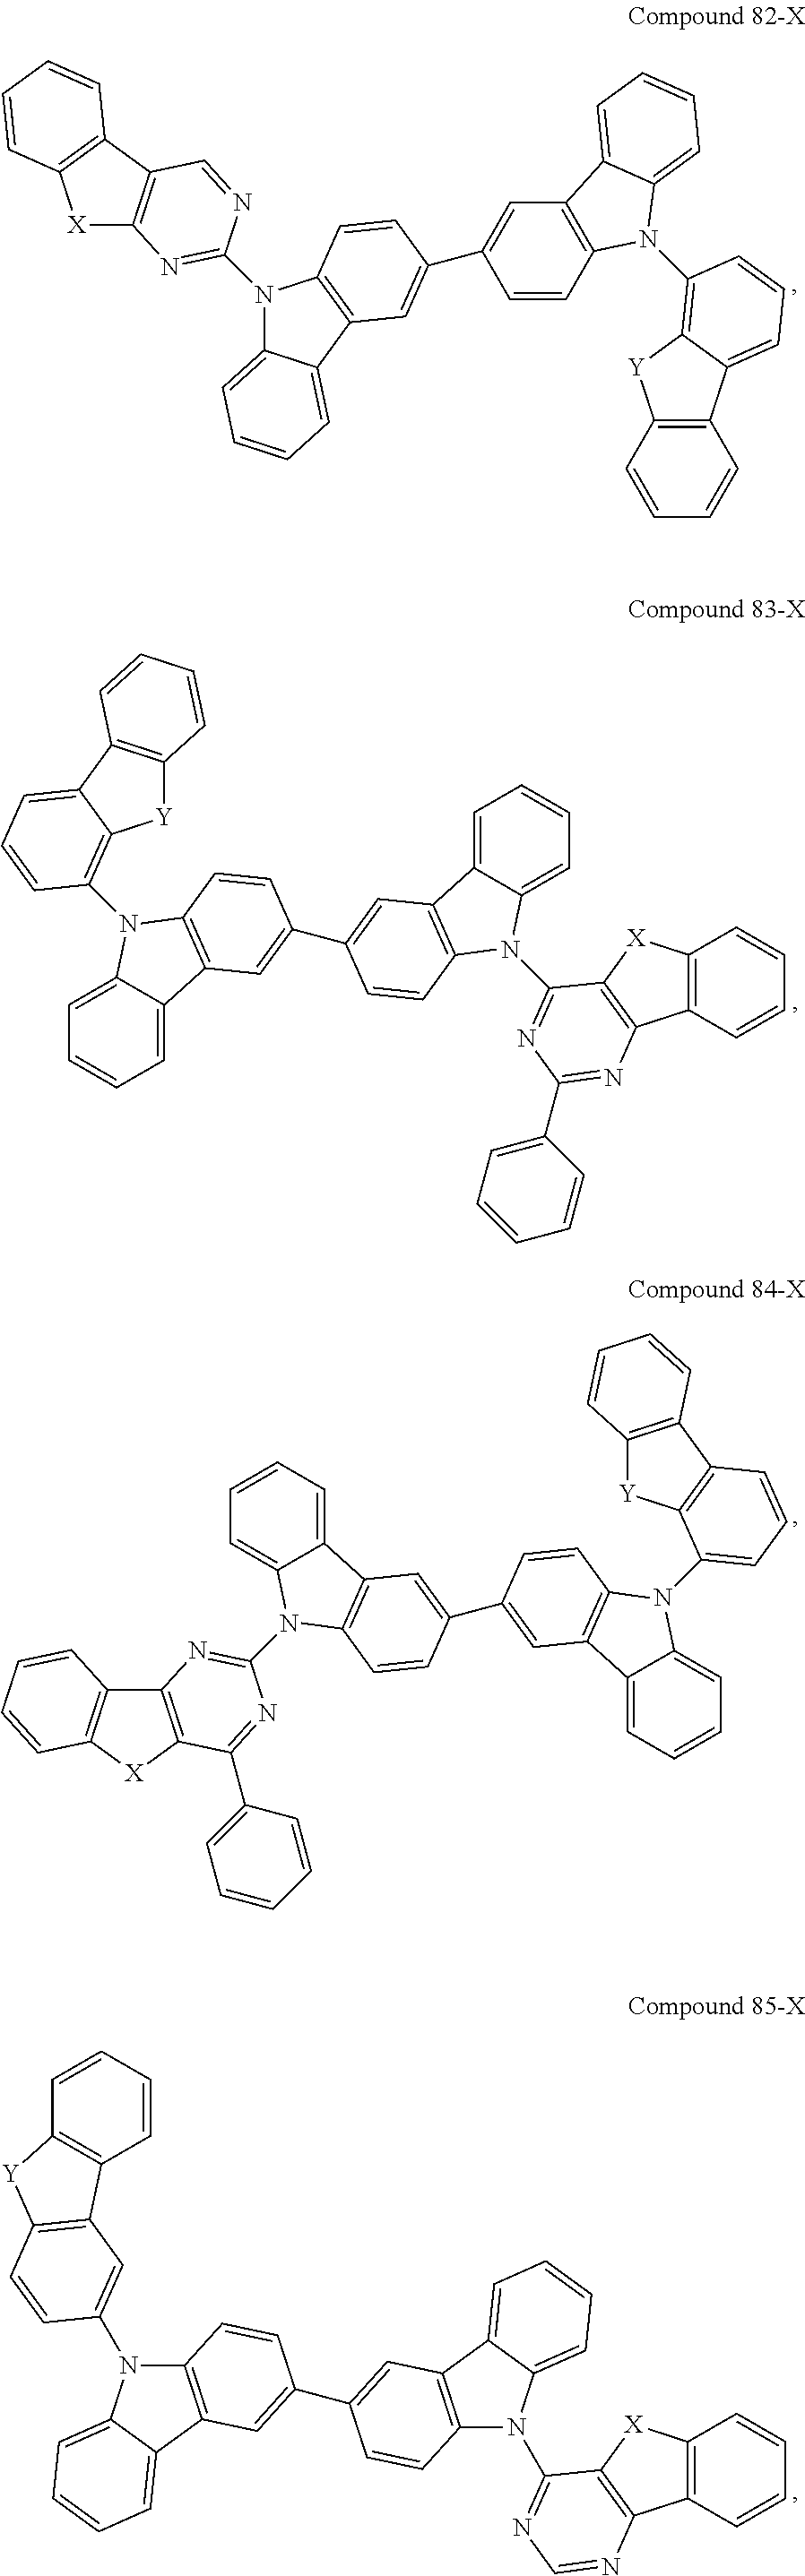 Figure US09553274-20170124-C00271